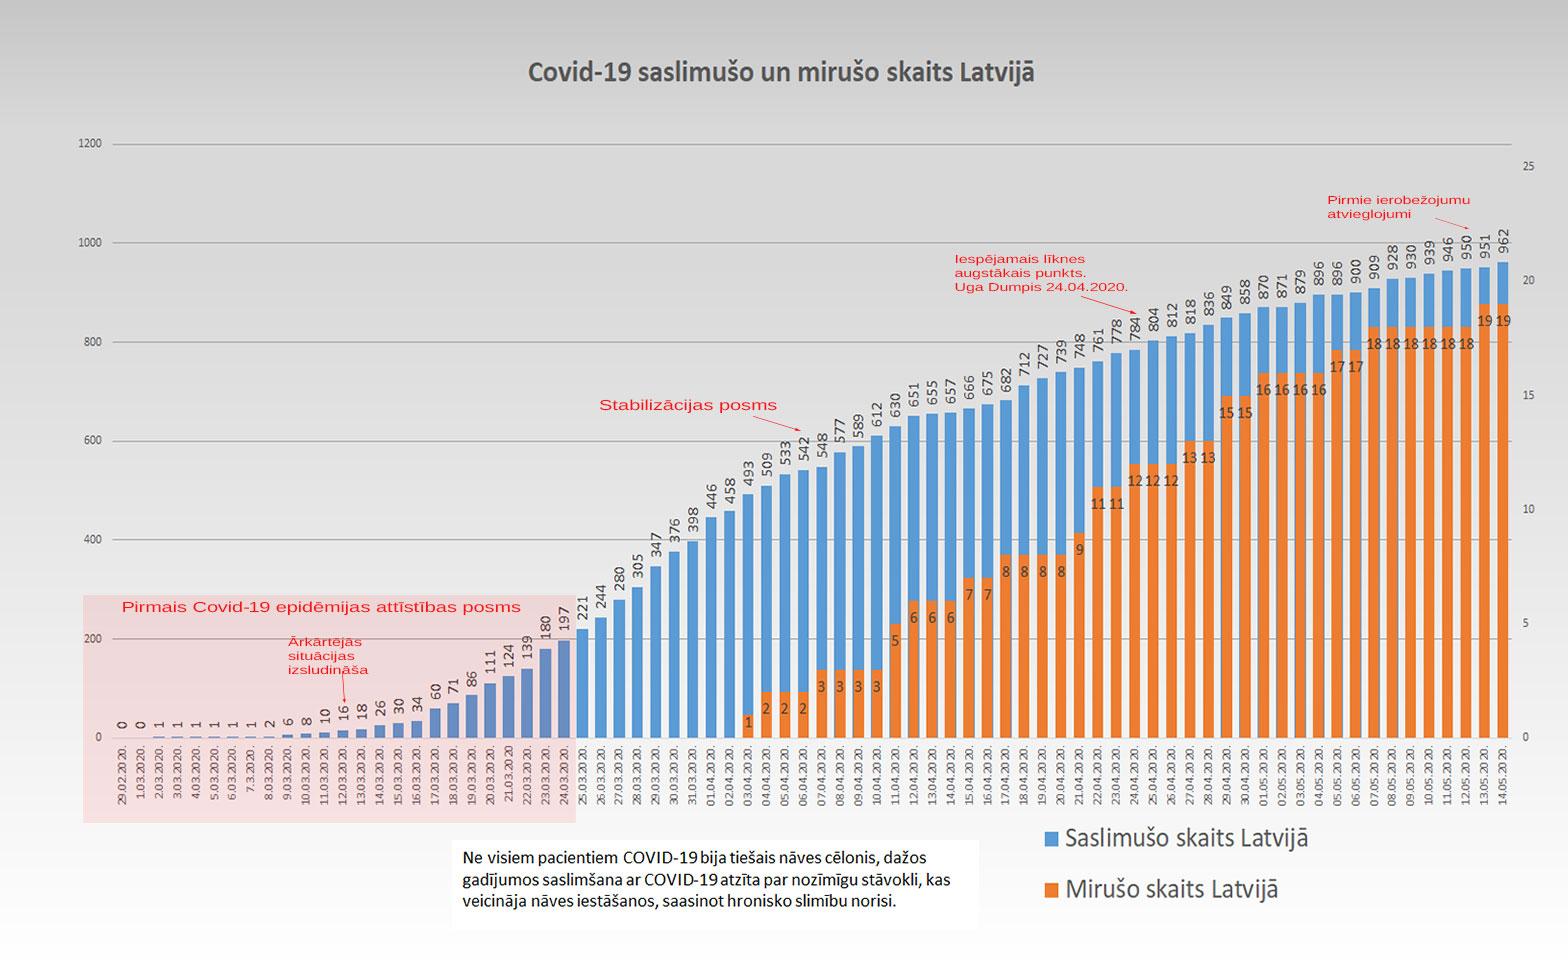 Grafiks ar Covid-19 saslimušo un mirušo skaitu valstī 14.5.2020.